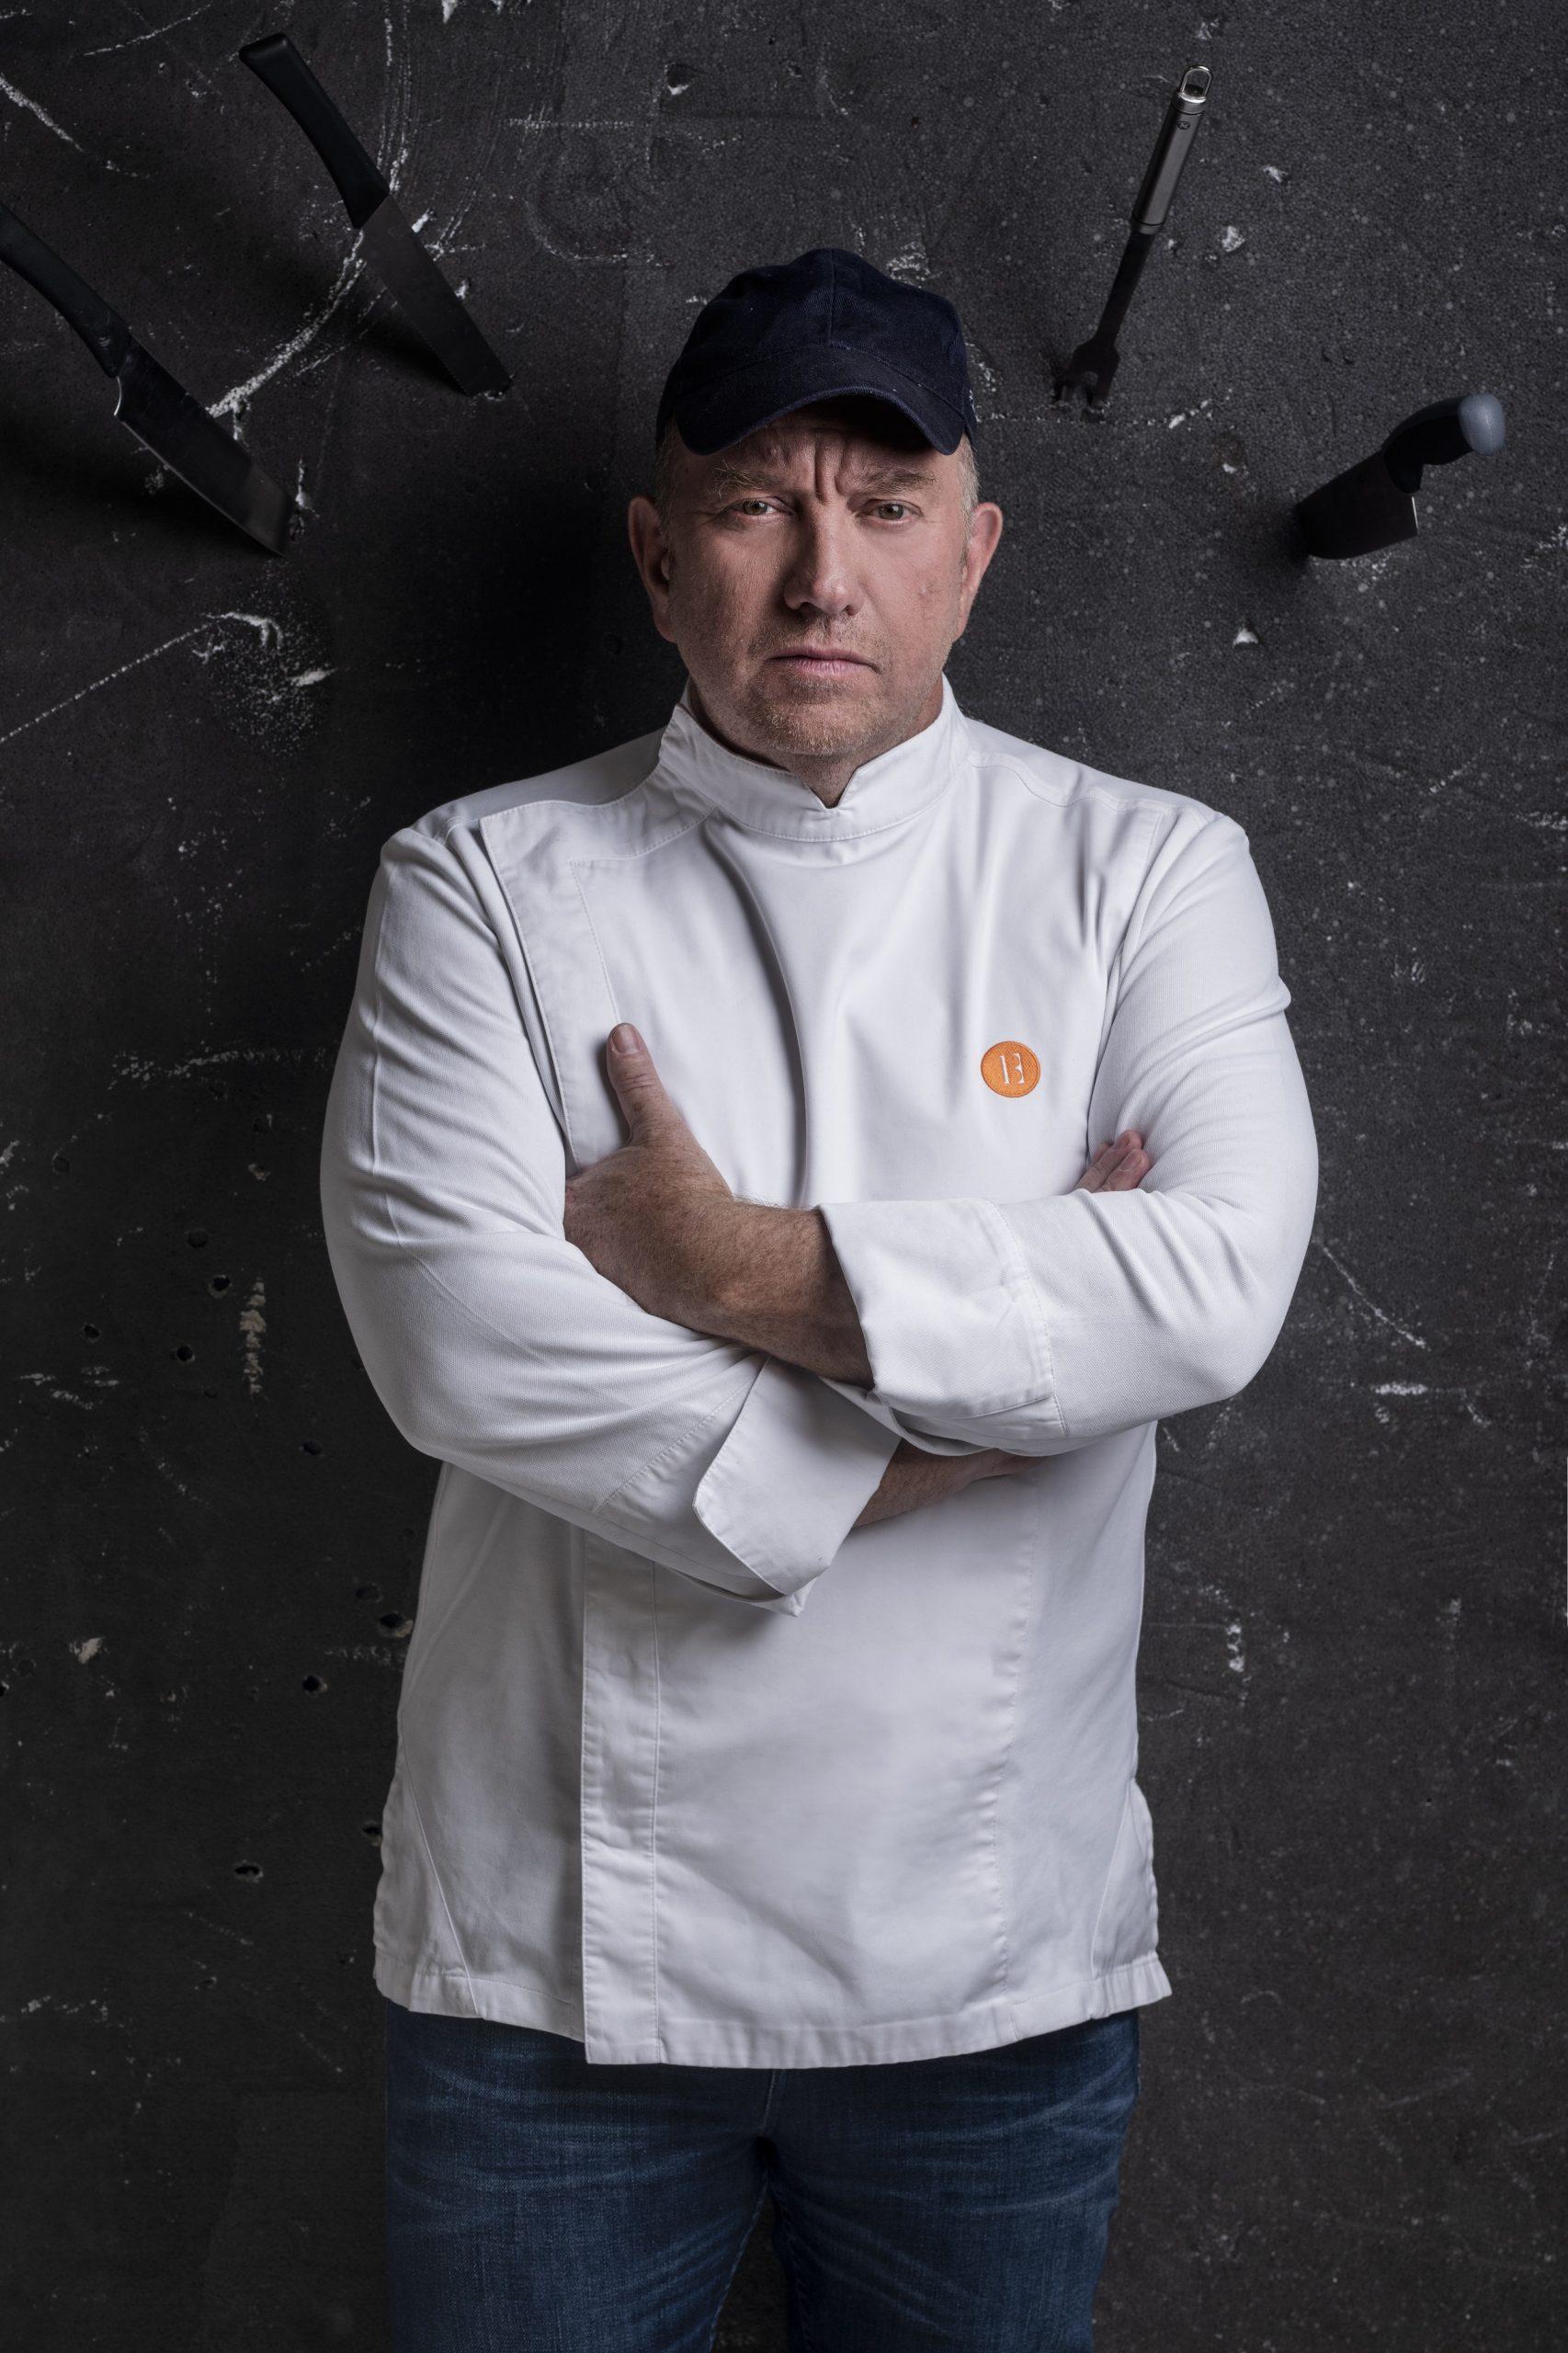 Έκτορας Μποτρίνι εκπομπή Εφιάλτης στην κουζίνα